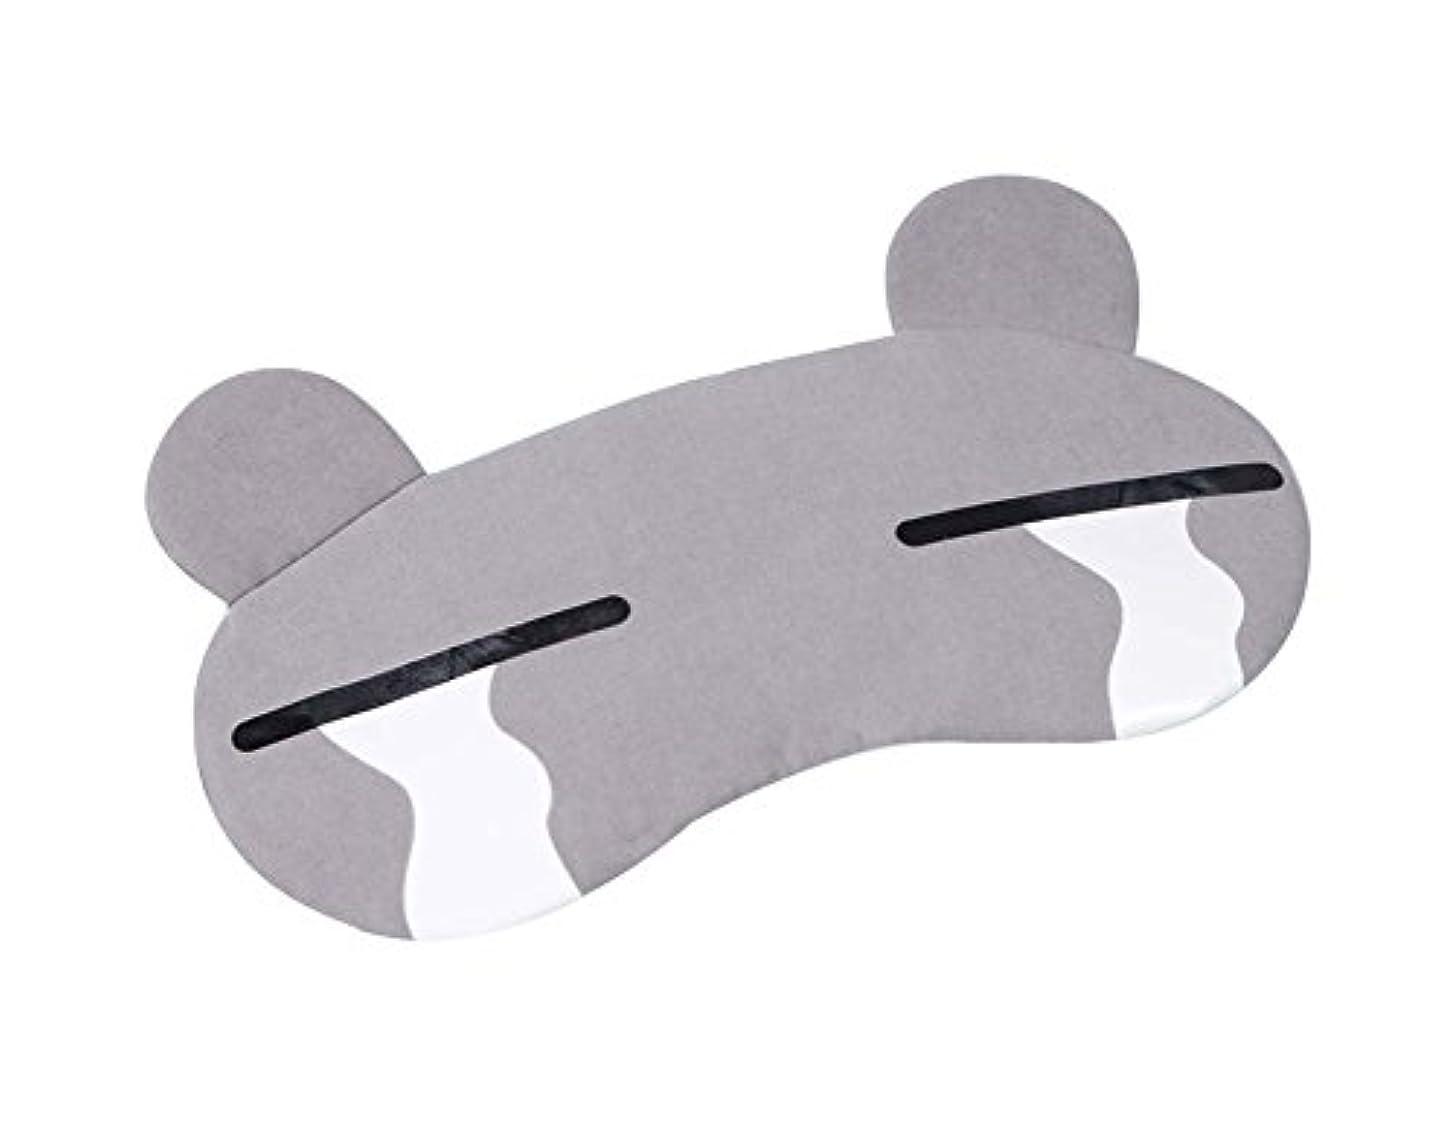 魔女蚊有効グレー泣く睡眠の目マスク快適な目のカバー通気性のあるアイシェイド